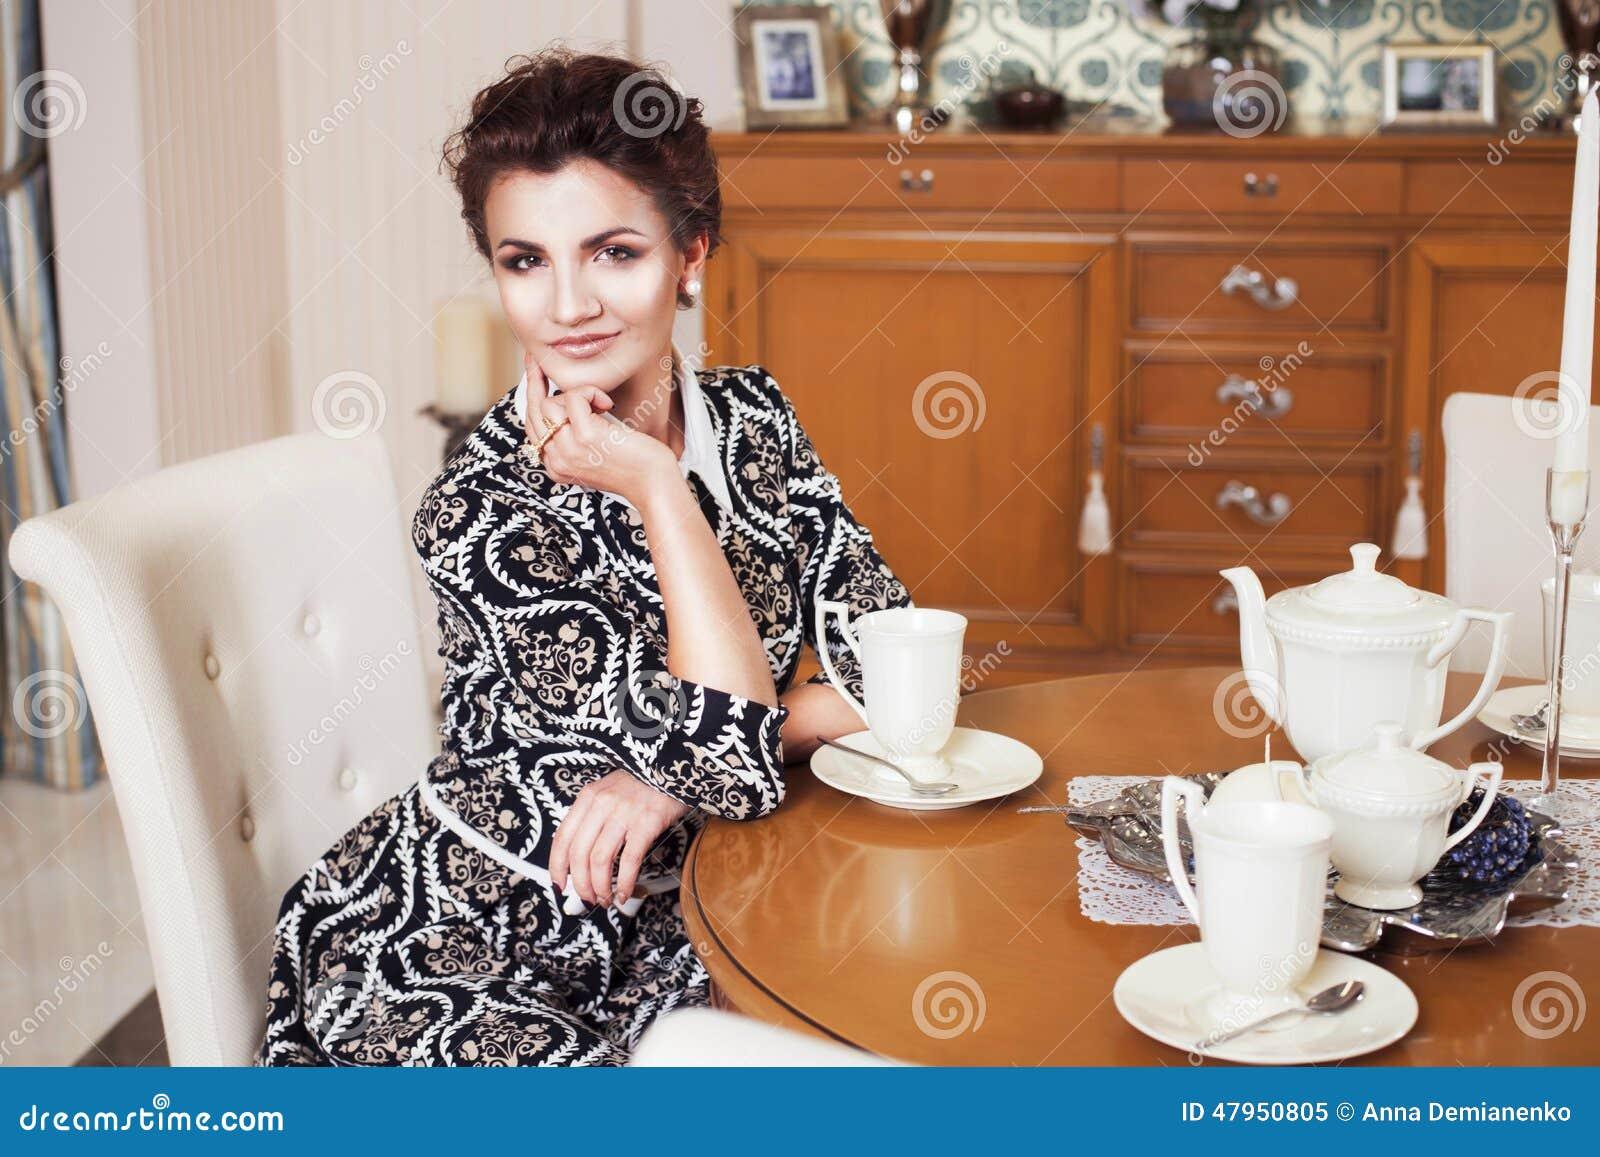 Reiche freche Frau des schönen Brunette im eleganten Kleid, das auf einem Stuhl in einem Raum mit klassischem trinkendem Innenwei